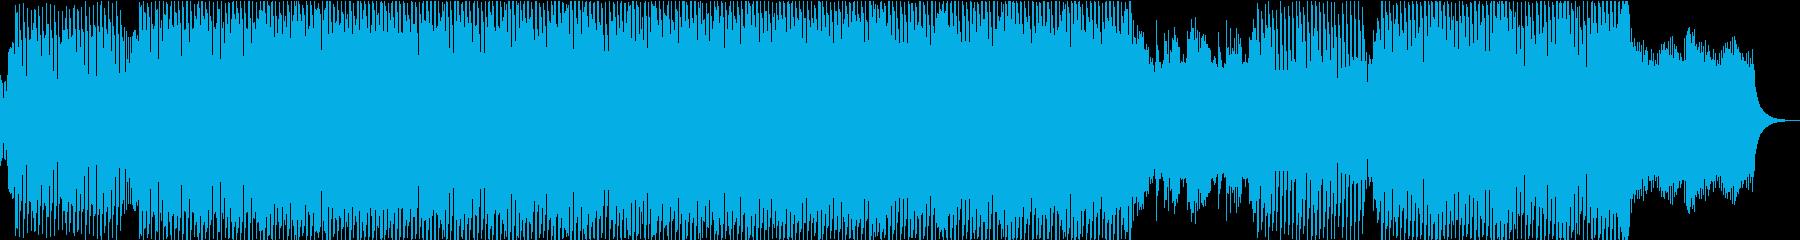 ノリの良い三味線と尺八と琴のテクノの再生済みの波形